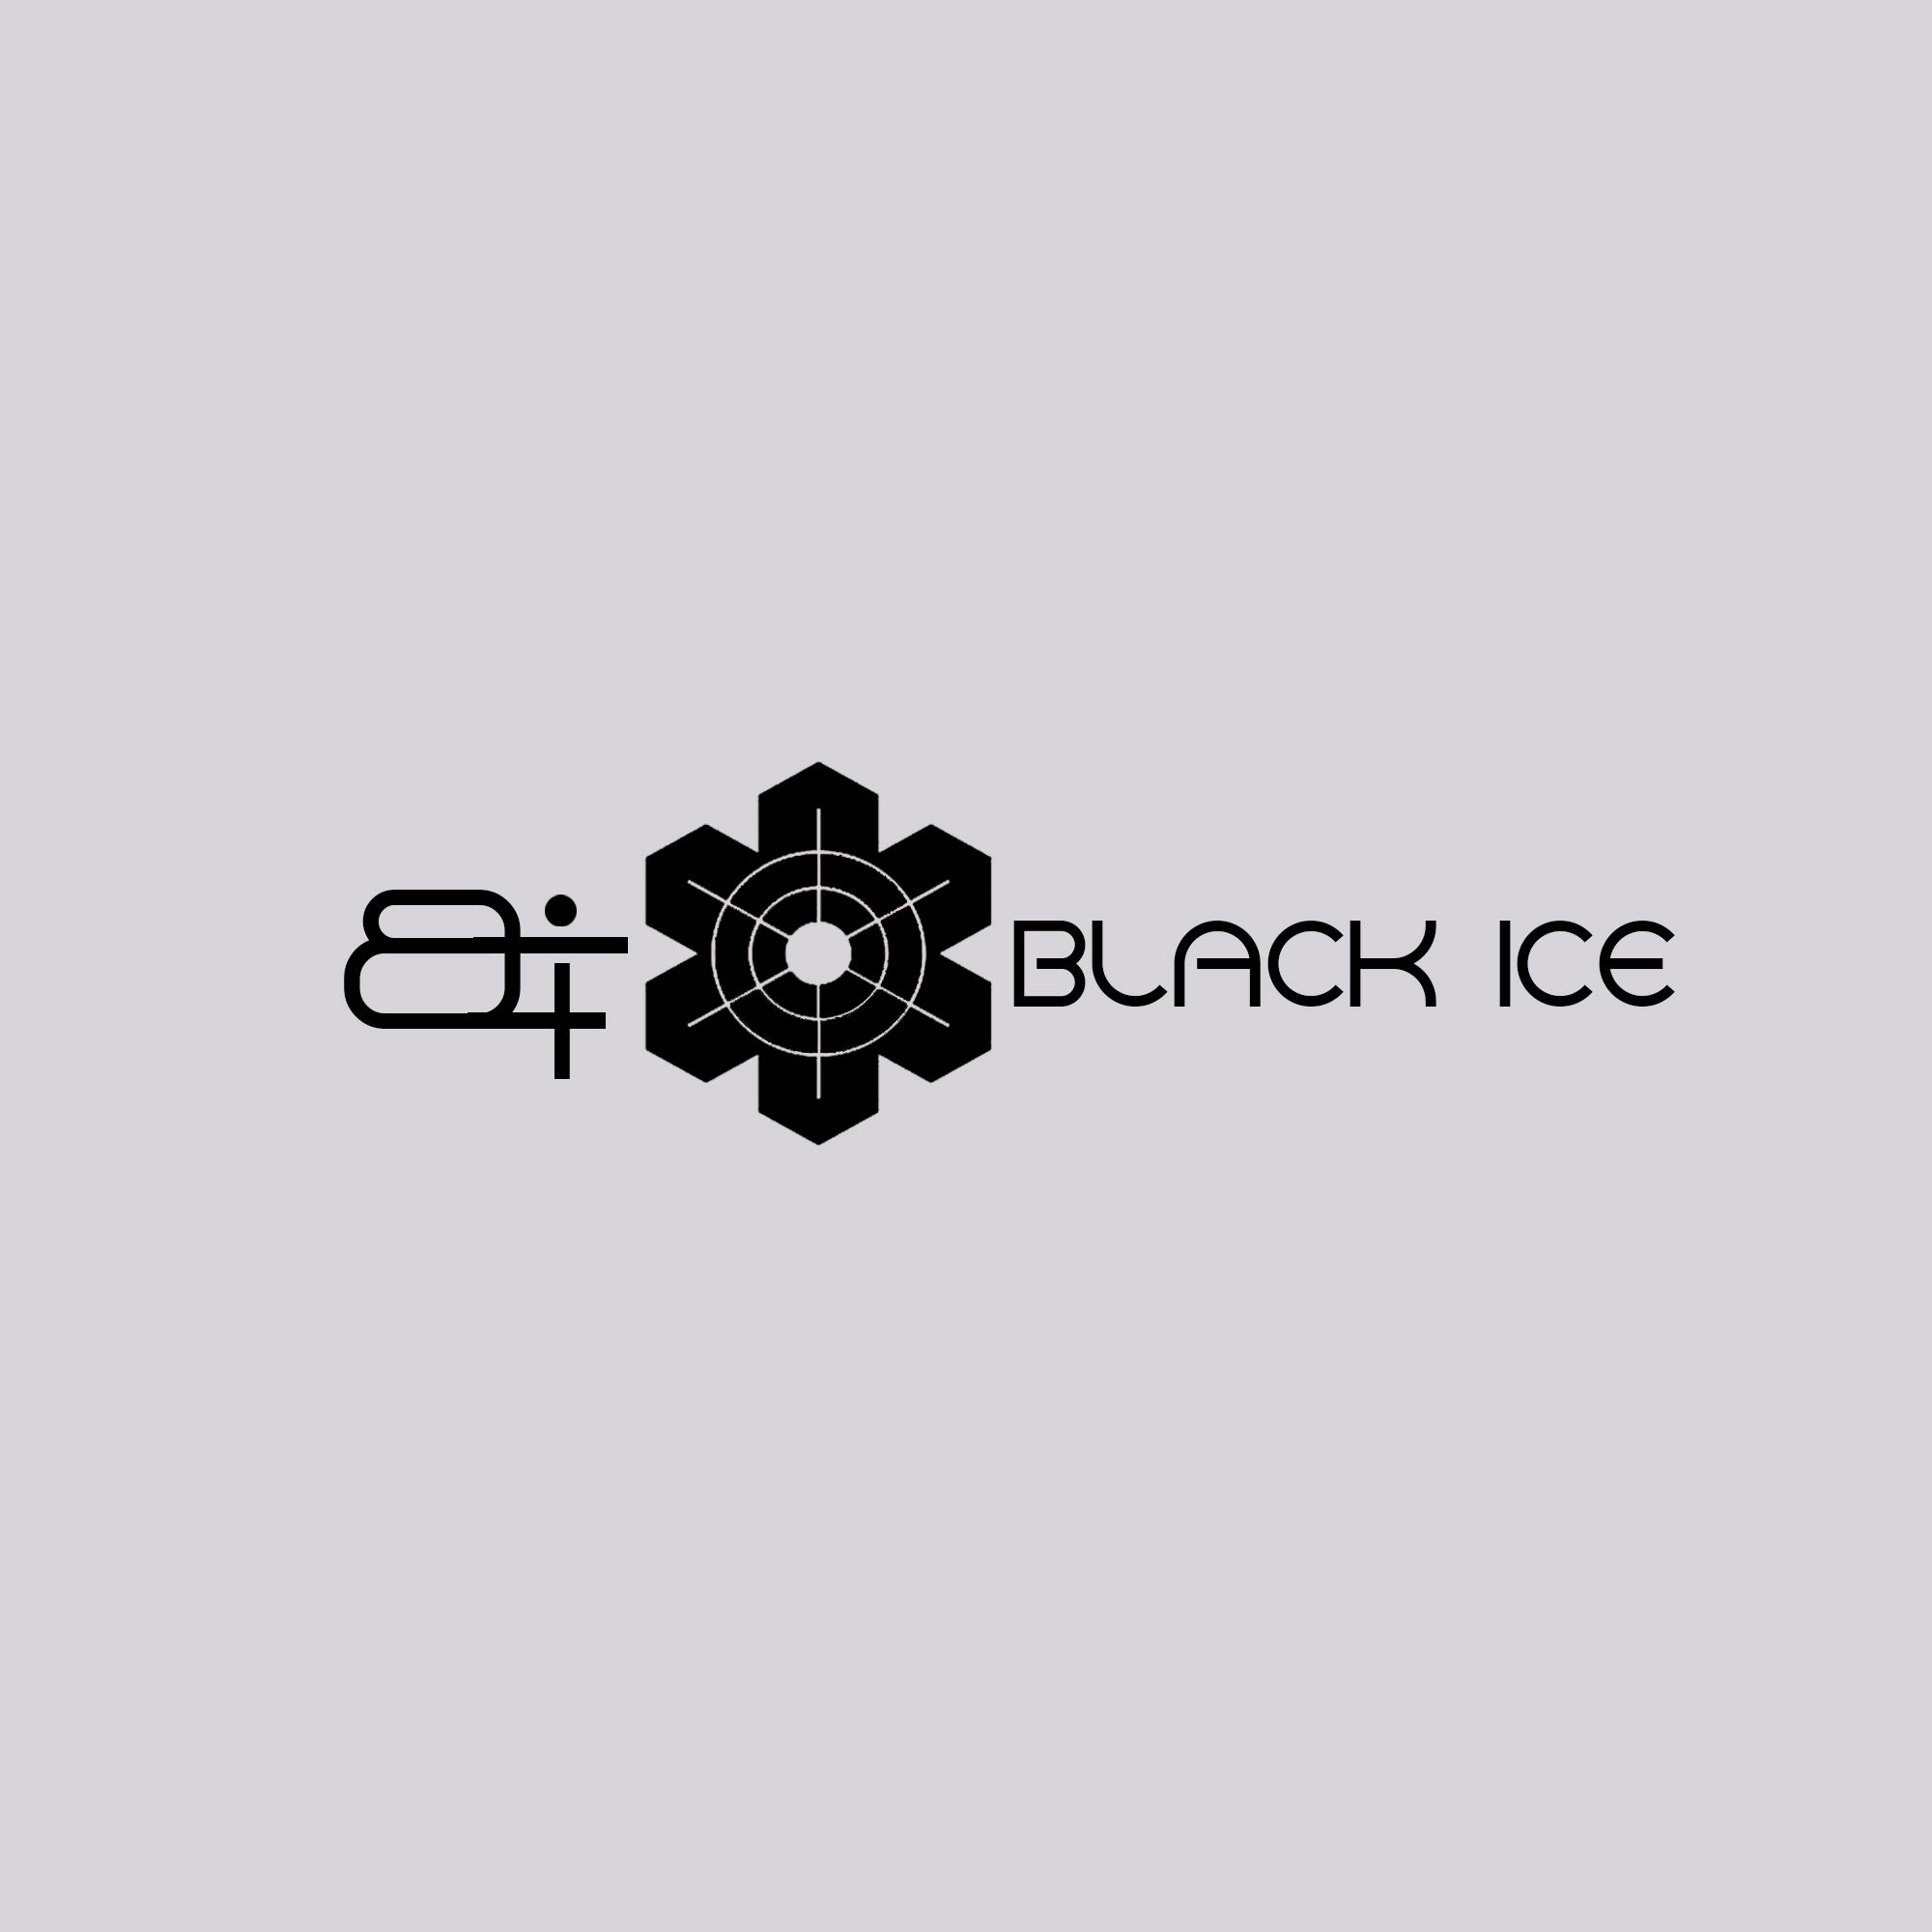 """Логотип + Фирменный стиль для компании """"BLACK ICE"""" фото f_6375713104aafbf2.jpg"""